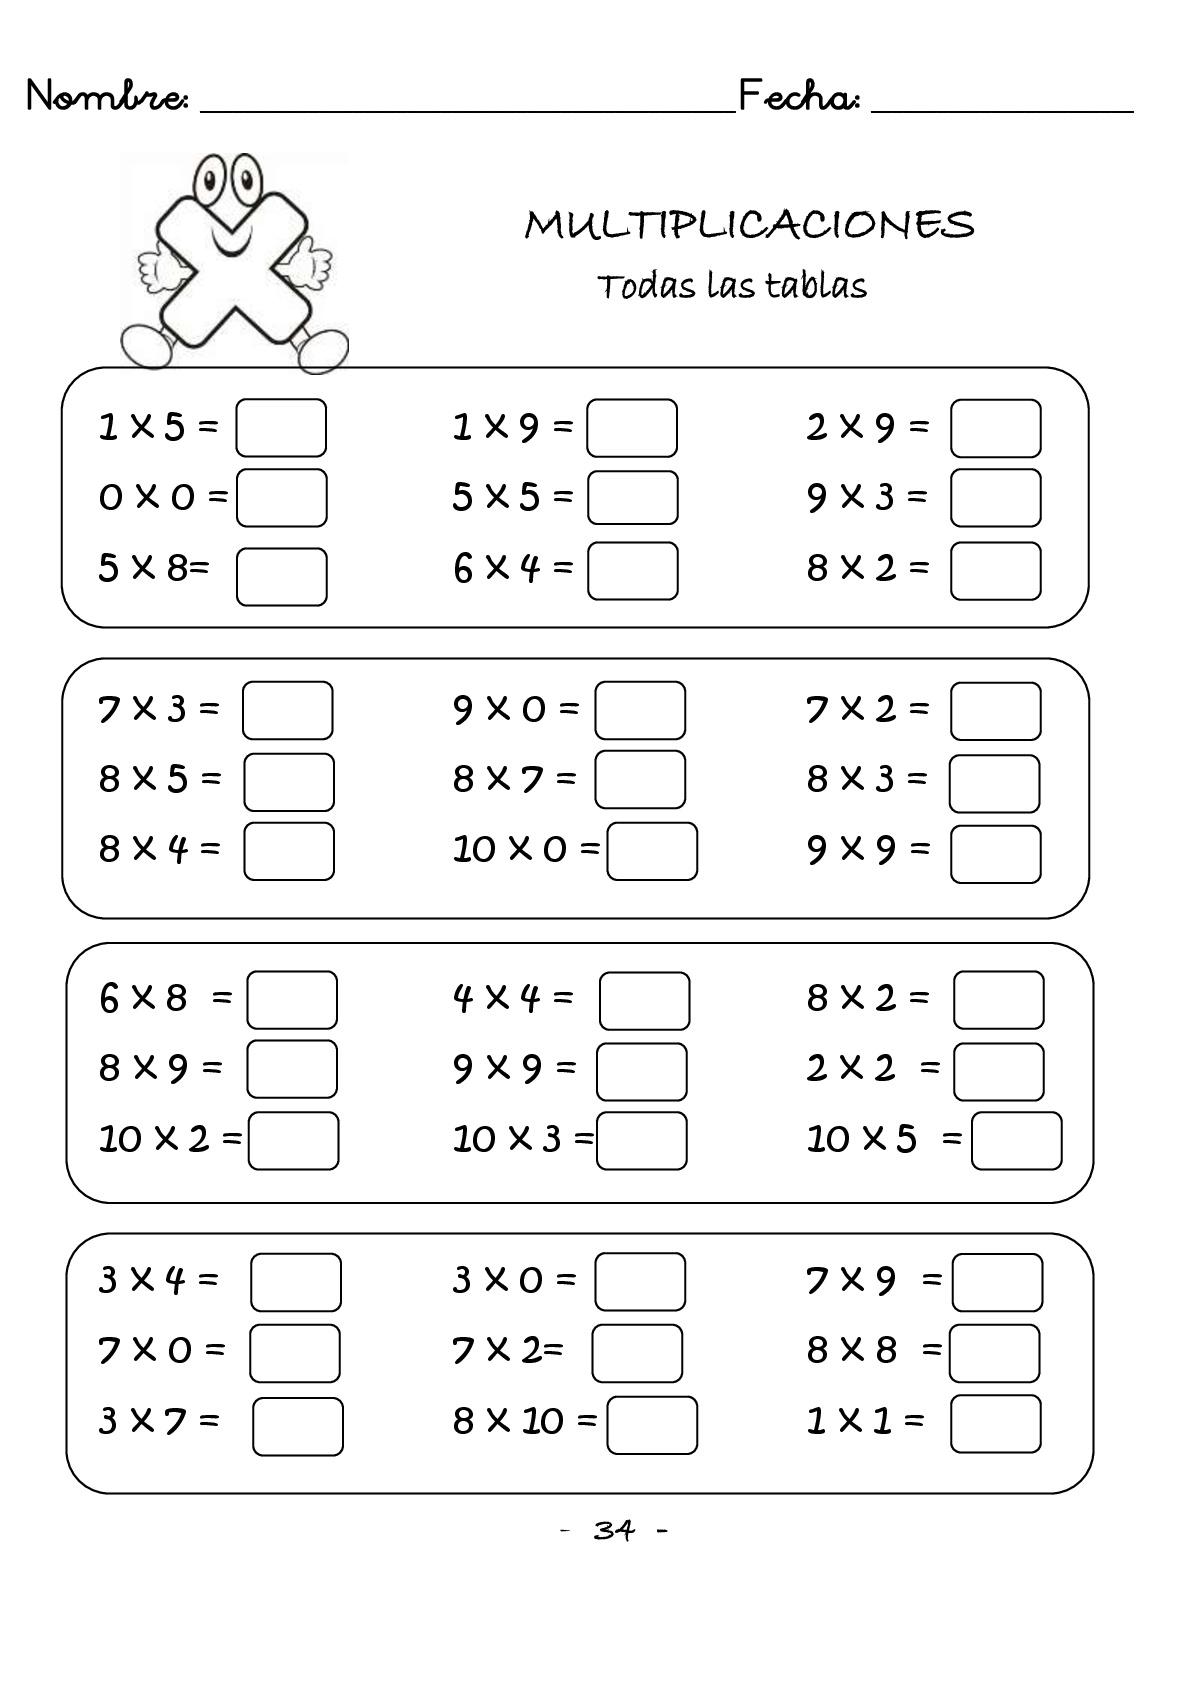 multiplicaciones-rapidas-una-cifra-protegido-035